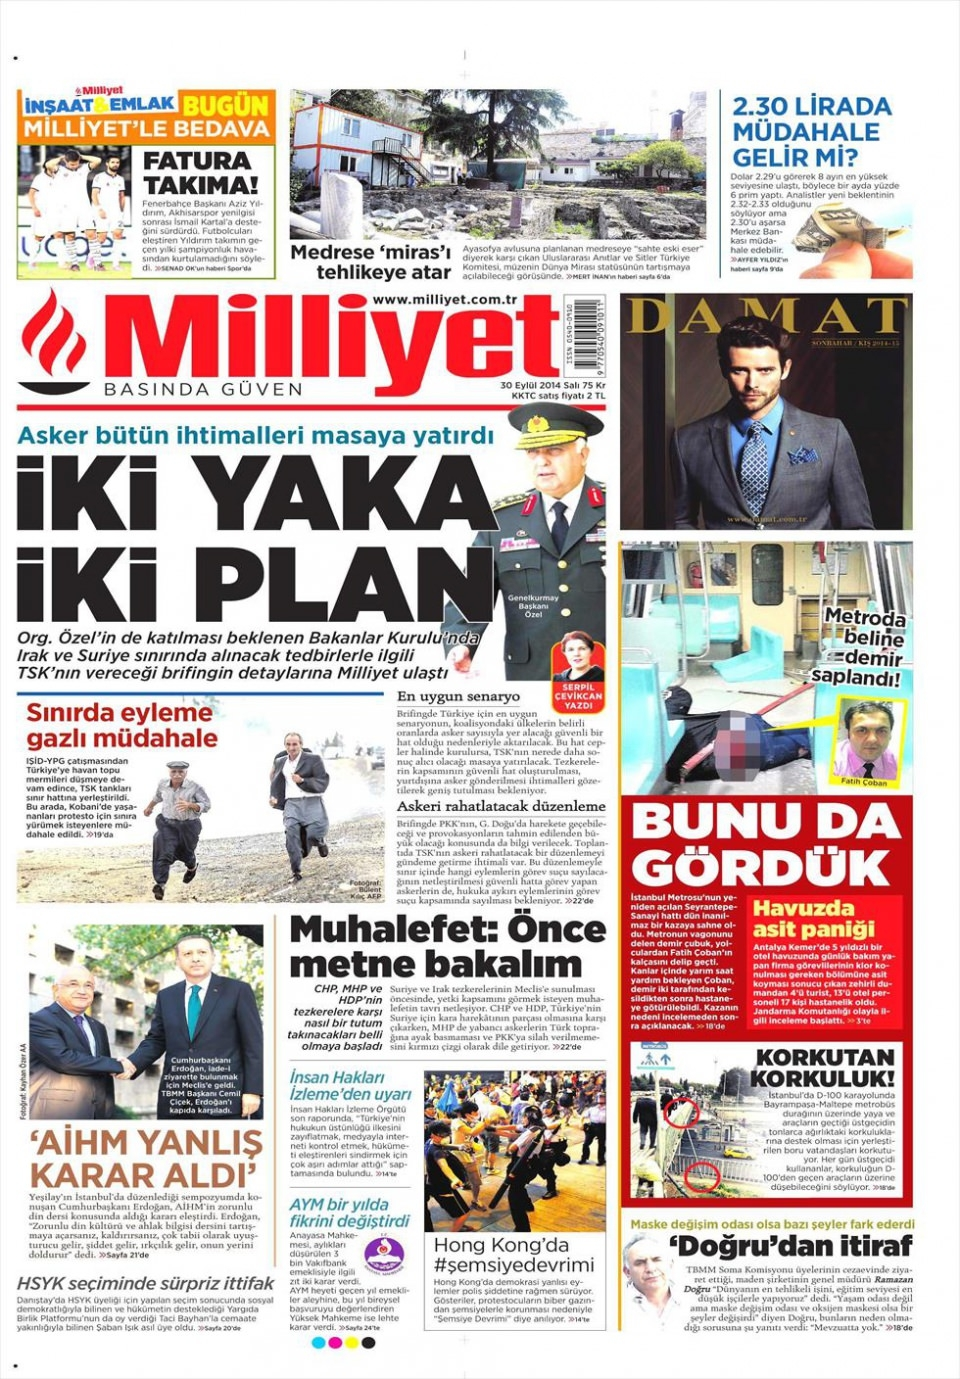 30 Eylül 2014 gazete manşetleri 13